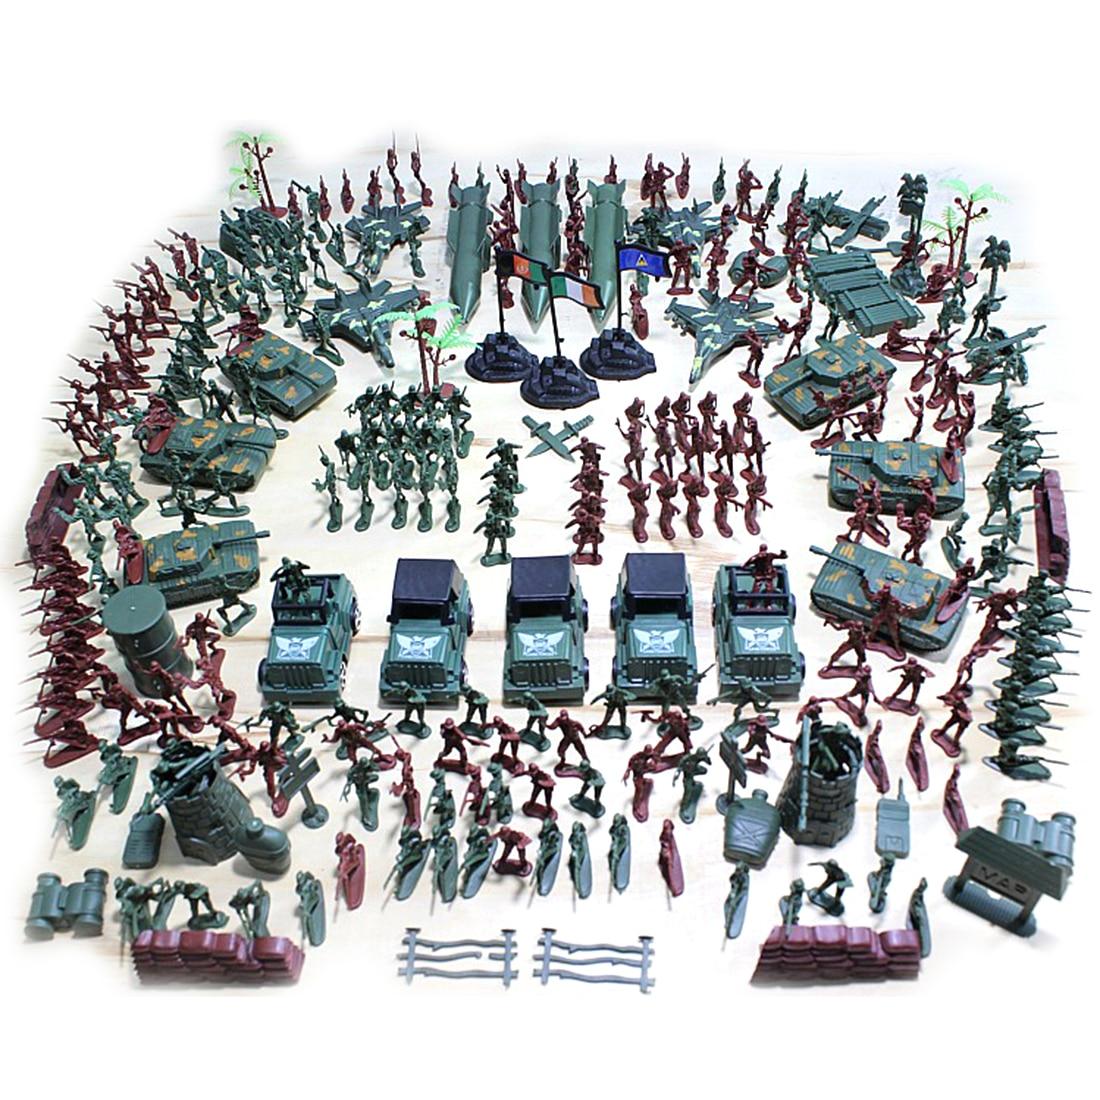 301 pcs 5 cm En Plastique Soldat Modèle Seconde Guerre Mondiale Soldat Militaire D'apprentissage Jouets Éducatifs, Créé pour Enfants